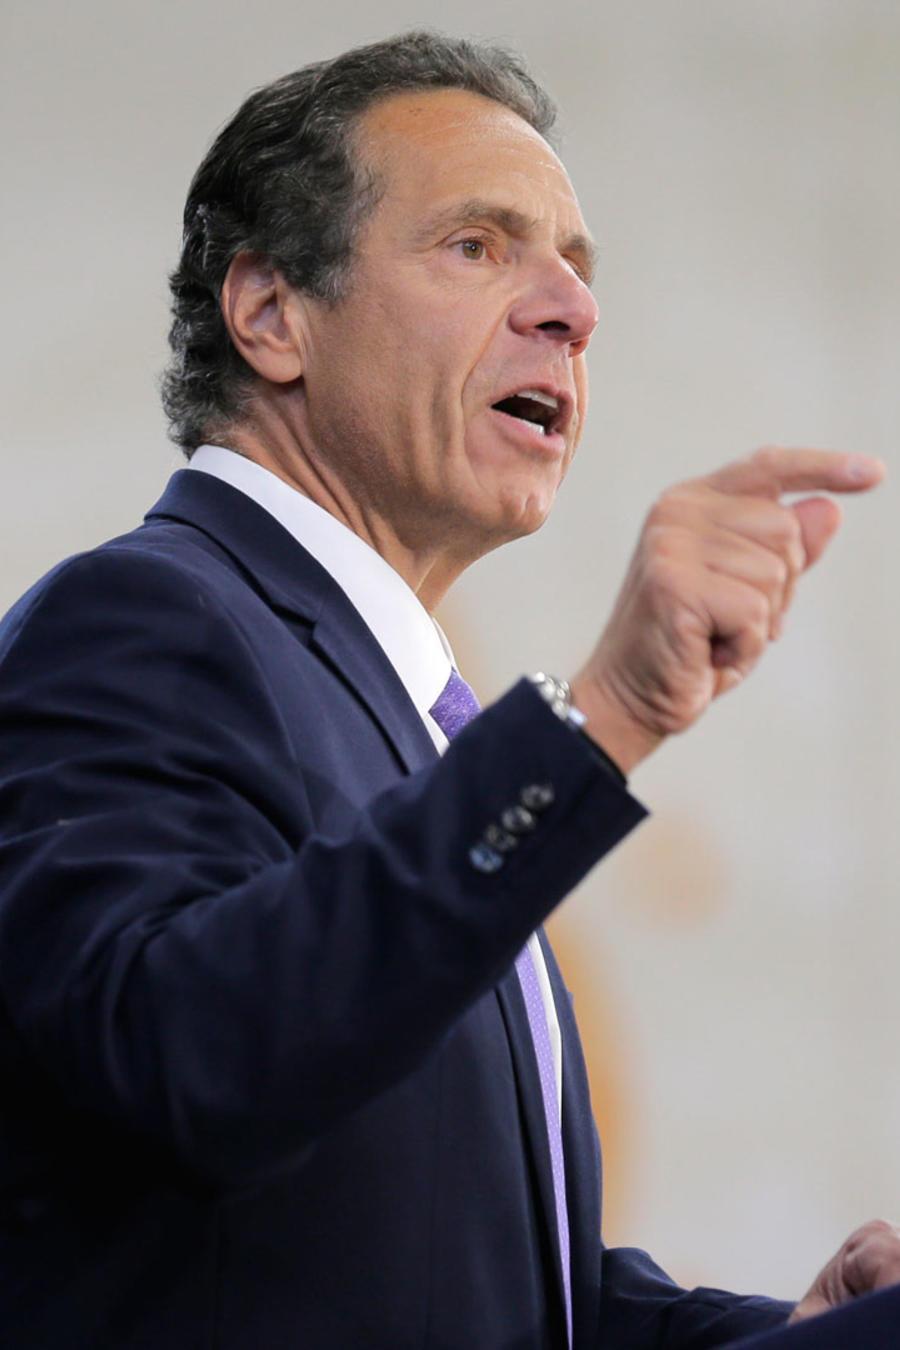 Gobernador de NY, Andrew M. Cuomo, en una imagen de archivo de una comparecencia ante la prensa